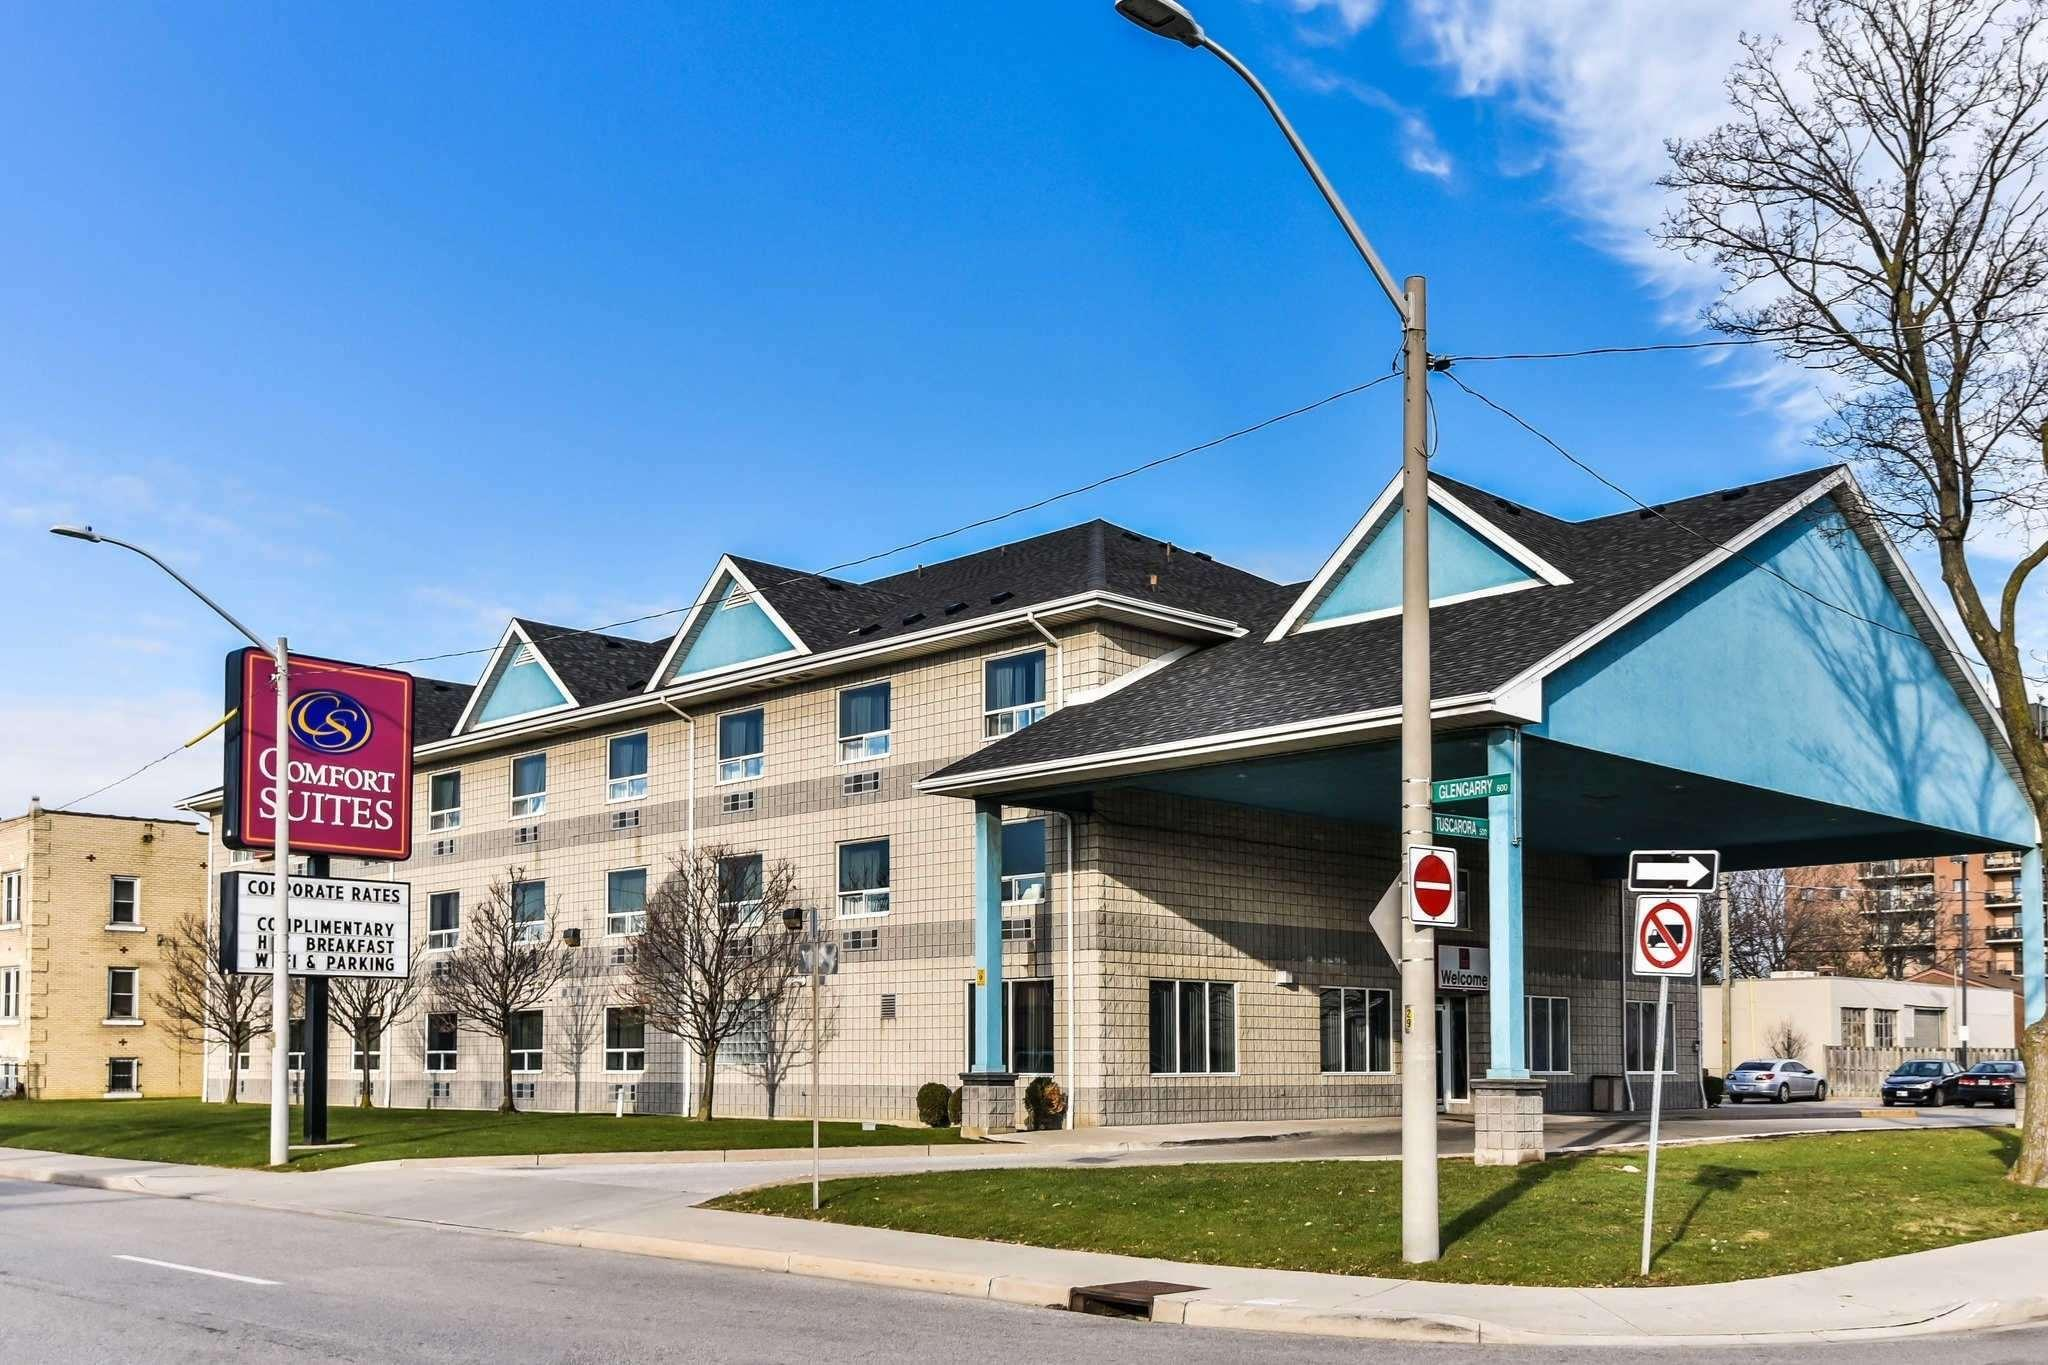 Comfort Suites Downtown Windsor